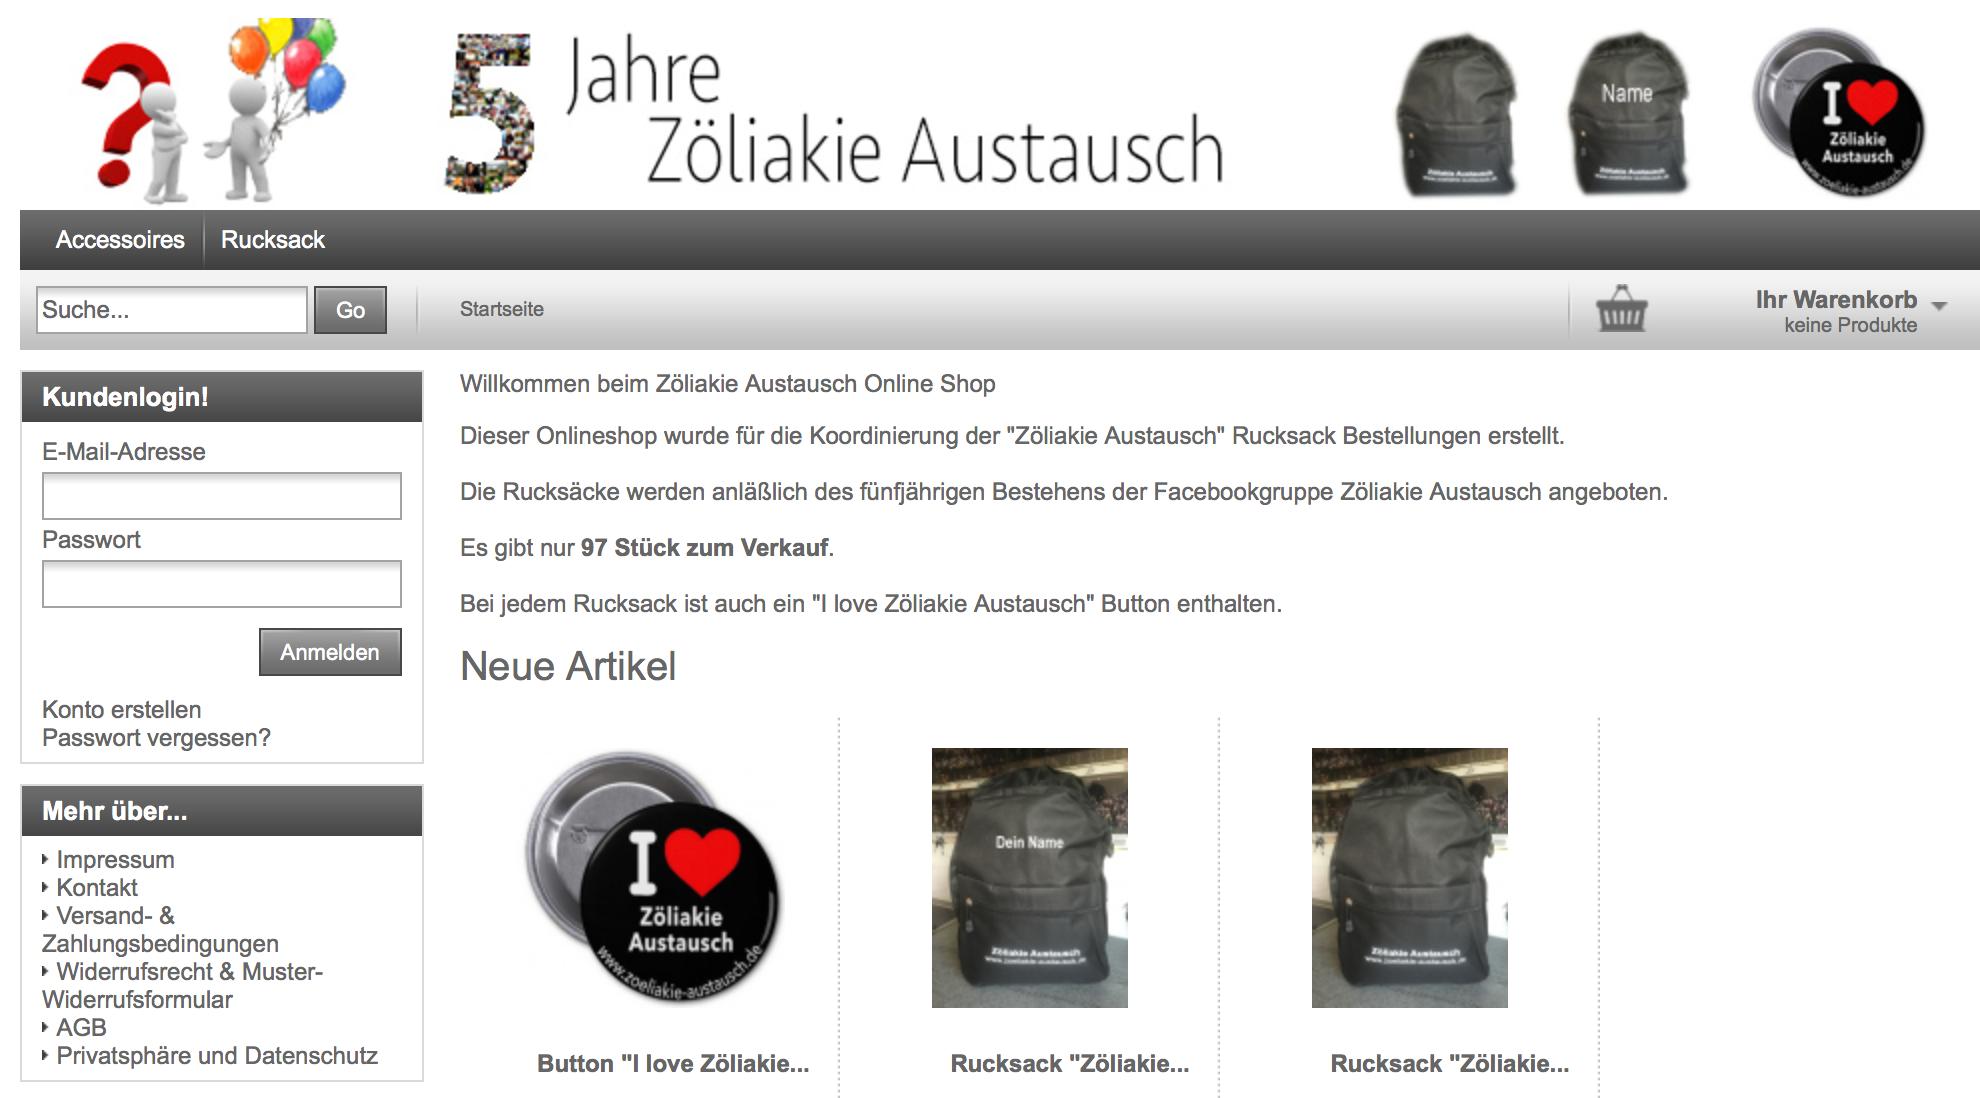 WebShop_Zoeliakie_Austausch